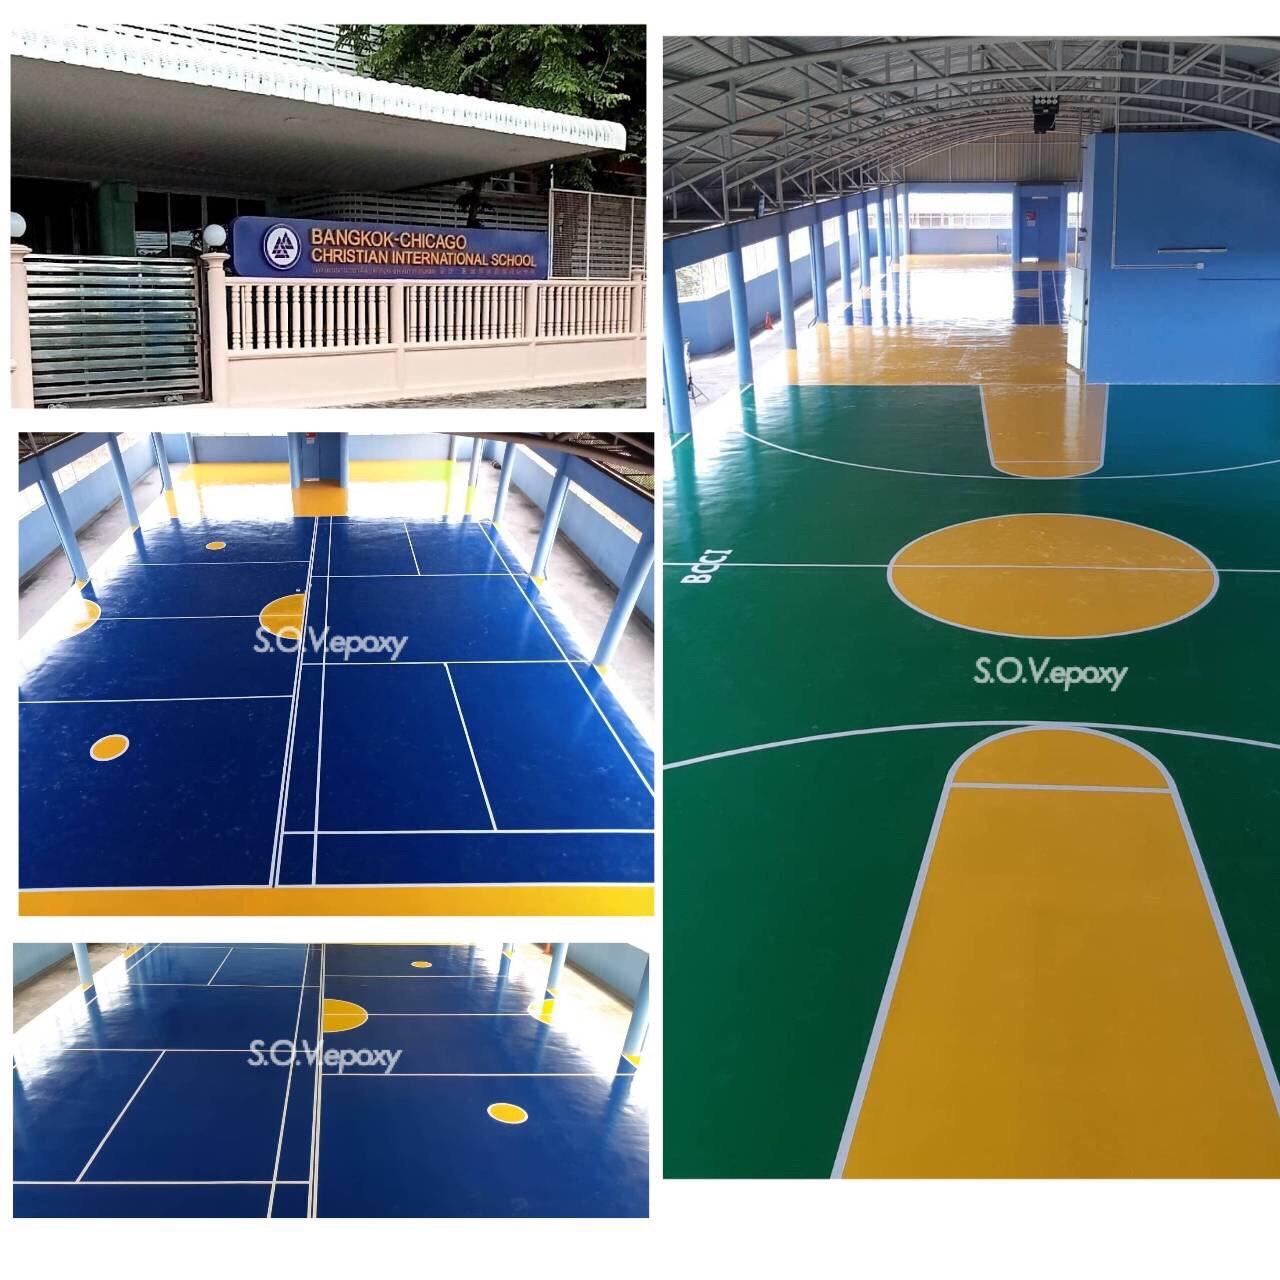 พื้นสนามกีฬา พื้น PU SPORT-Bangkok-Chicago Christian (1)